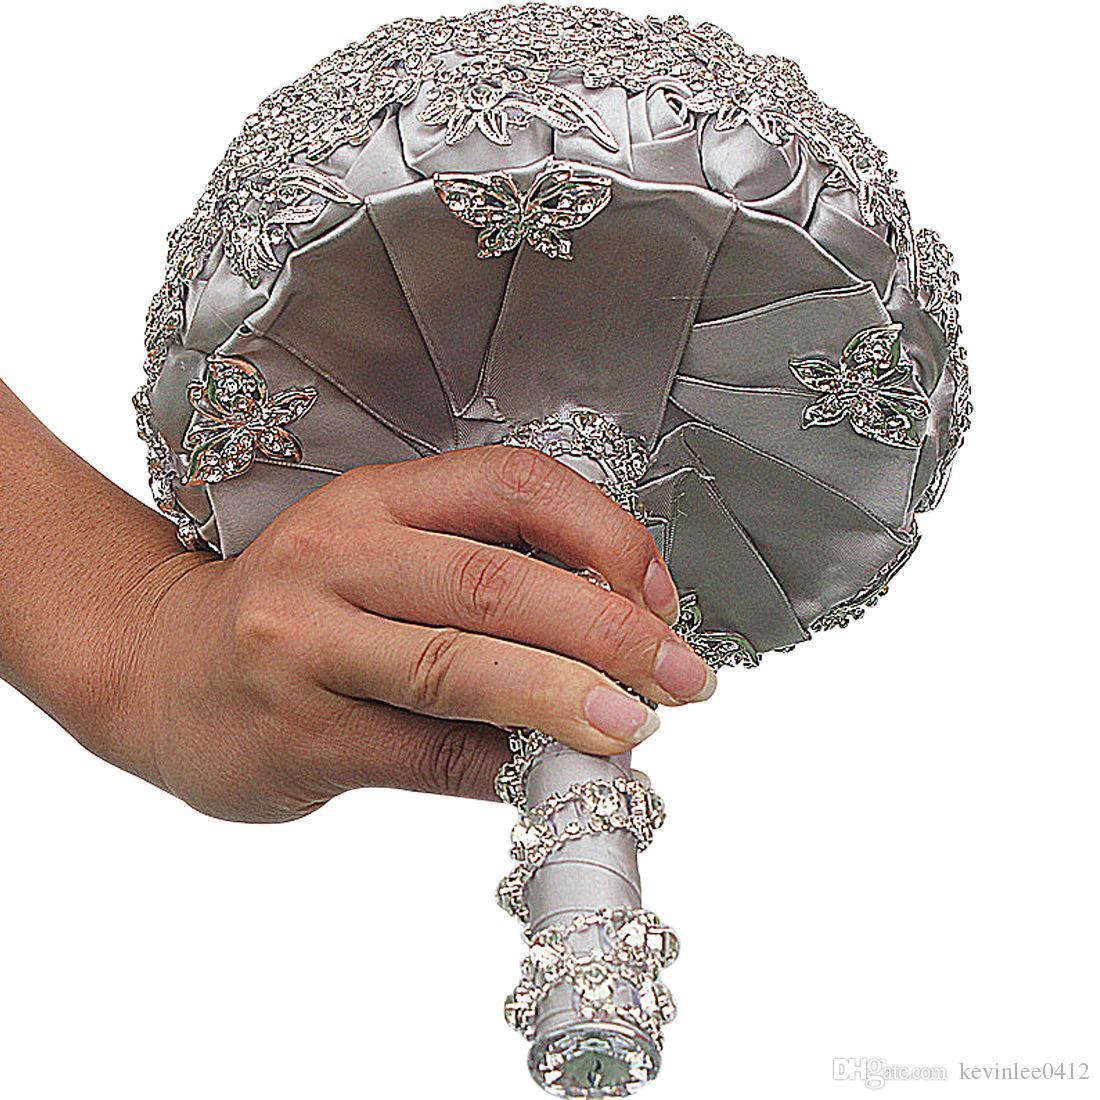 https://www.dhresource.com/0x0s/f2-albu-g7-M00-A0-98-rBVaSlta3HWAbk3kAAh5Ok81gYI888.jpg/luxury-crystal-pearls-bridal-wedding-silver-flower-bouquet-brooch-bride-hand-flowers-wedding-favors-hand-holding-decoration-handmade.jpg